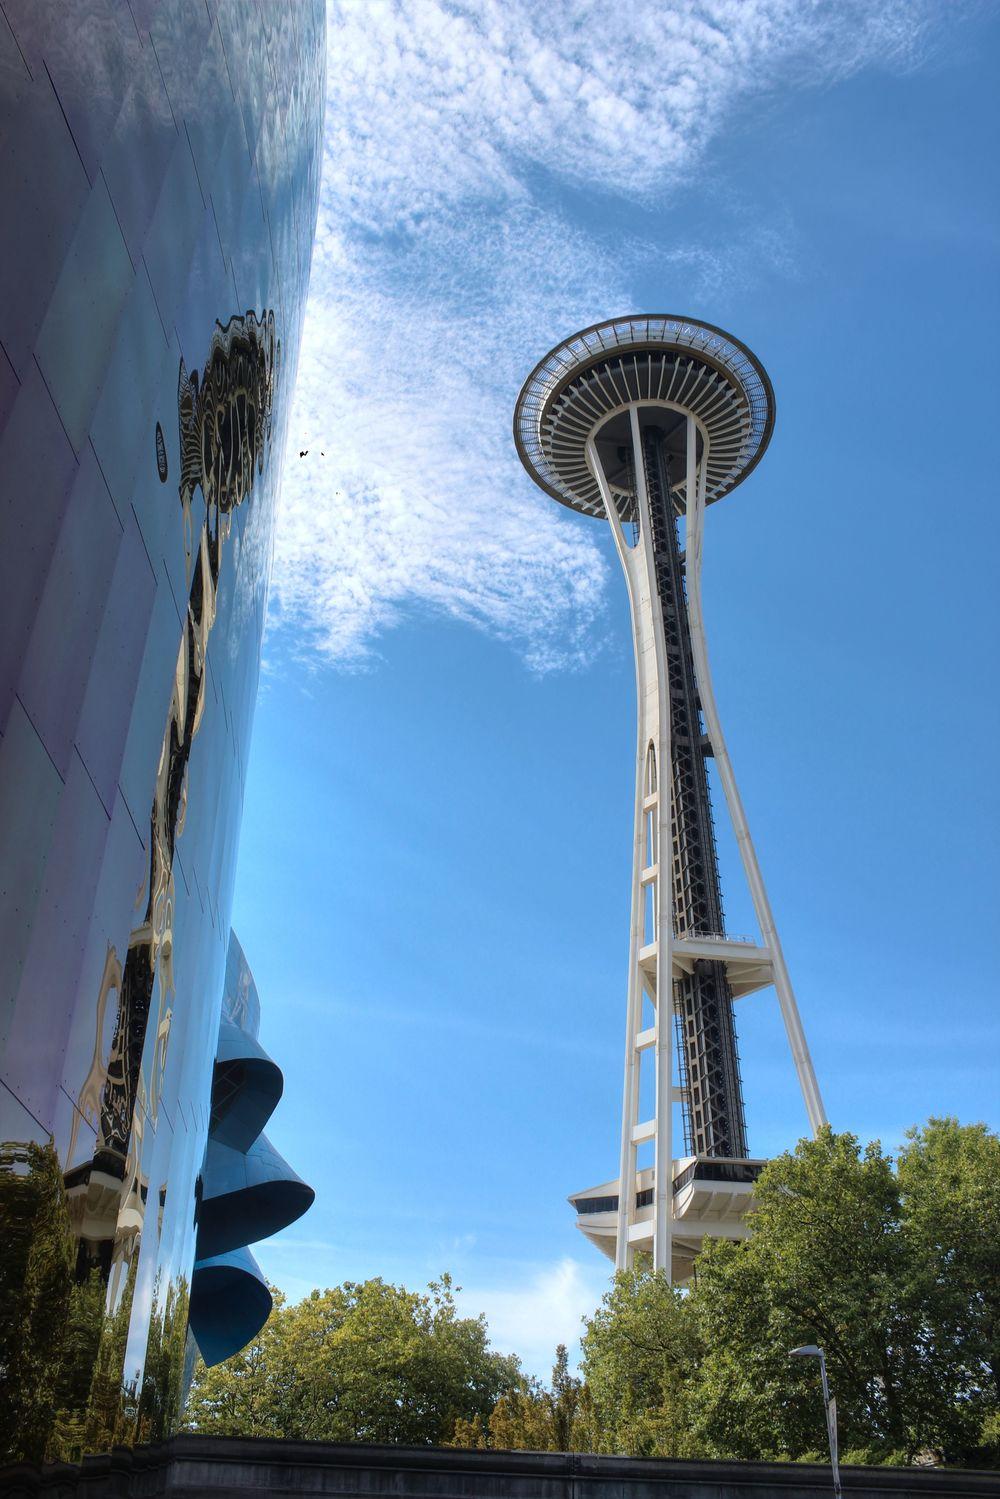 Space Needle, Seattle Center, WA, USA